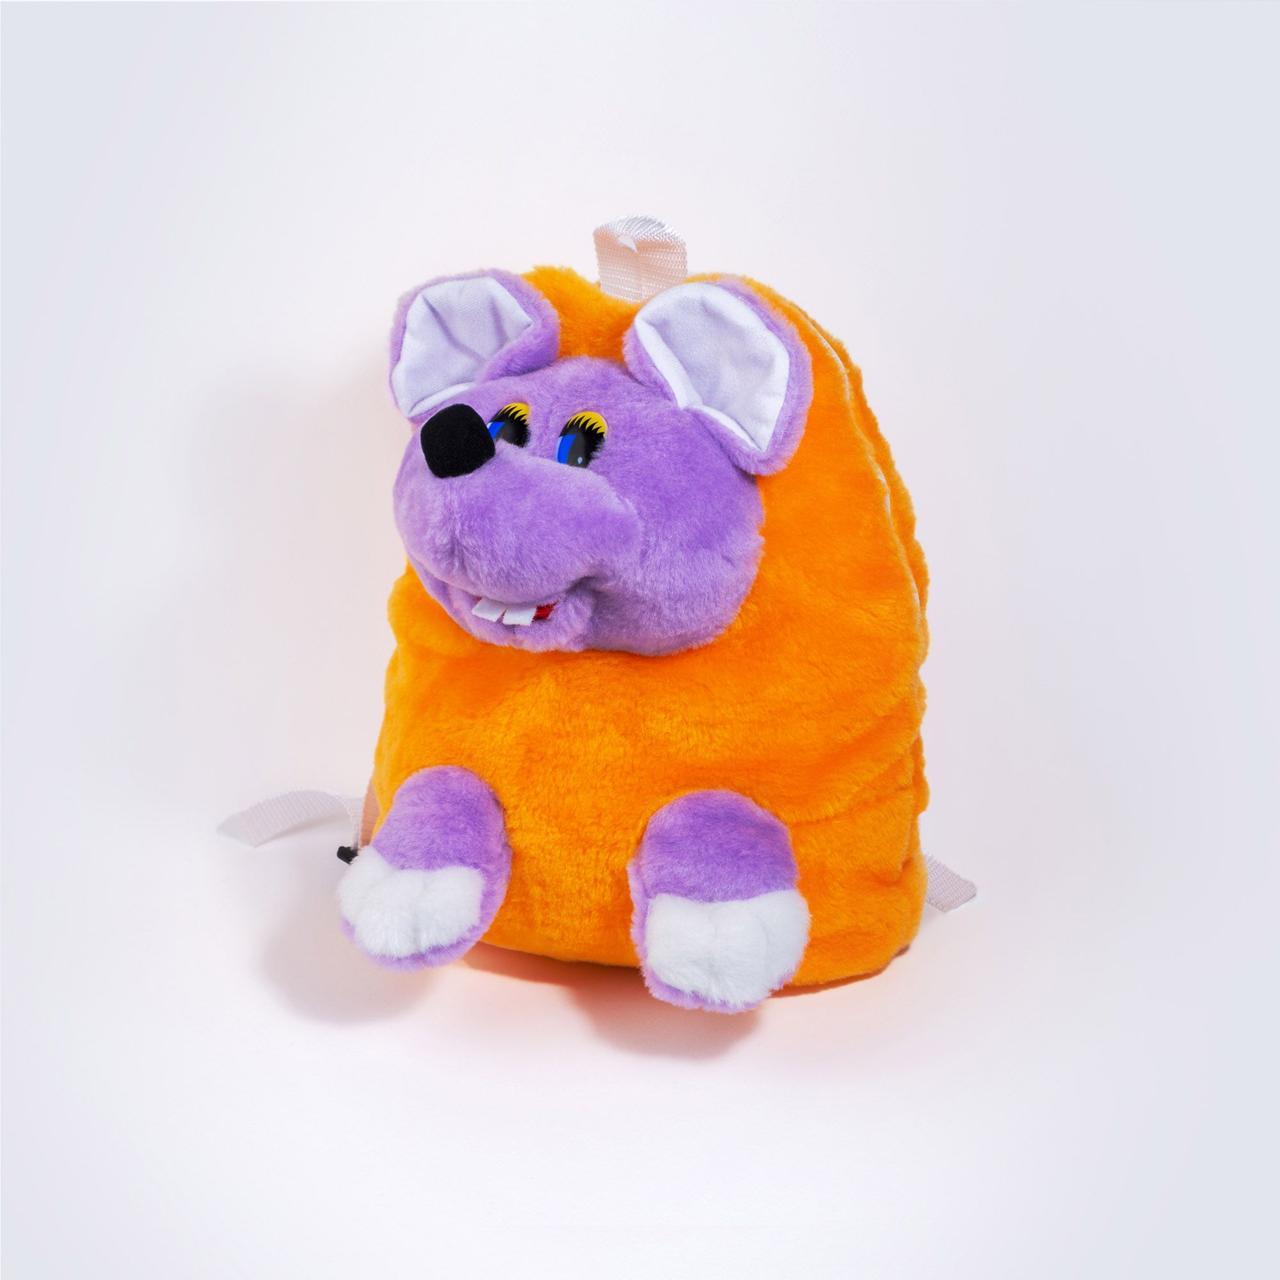 Детские рюкзаки для школы, детский рюкзак Мышка сиреневый